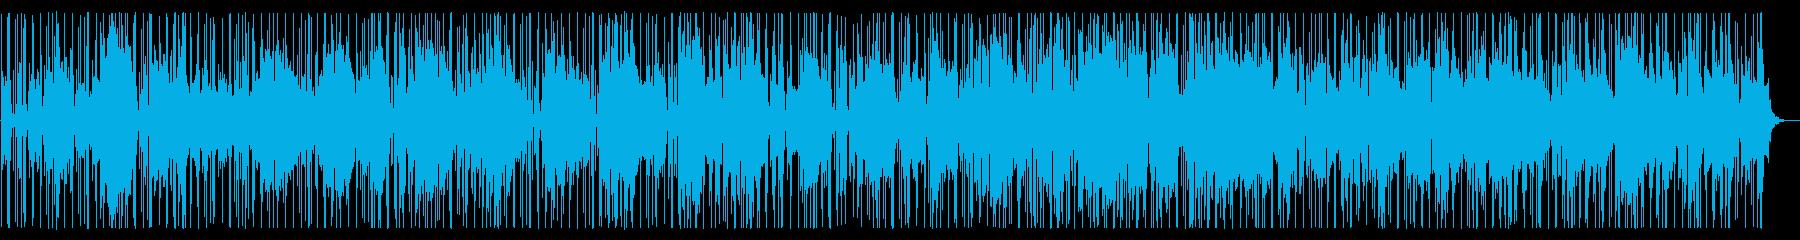 都会/R&B/生演奏_No452_1の再生済みの波形